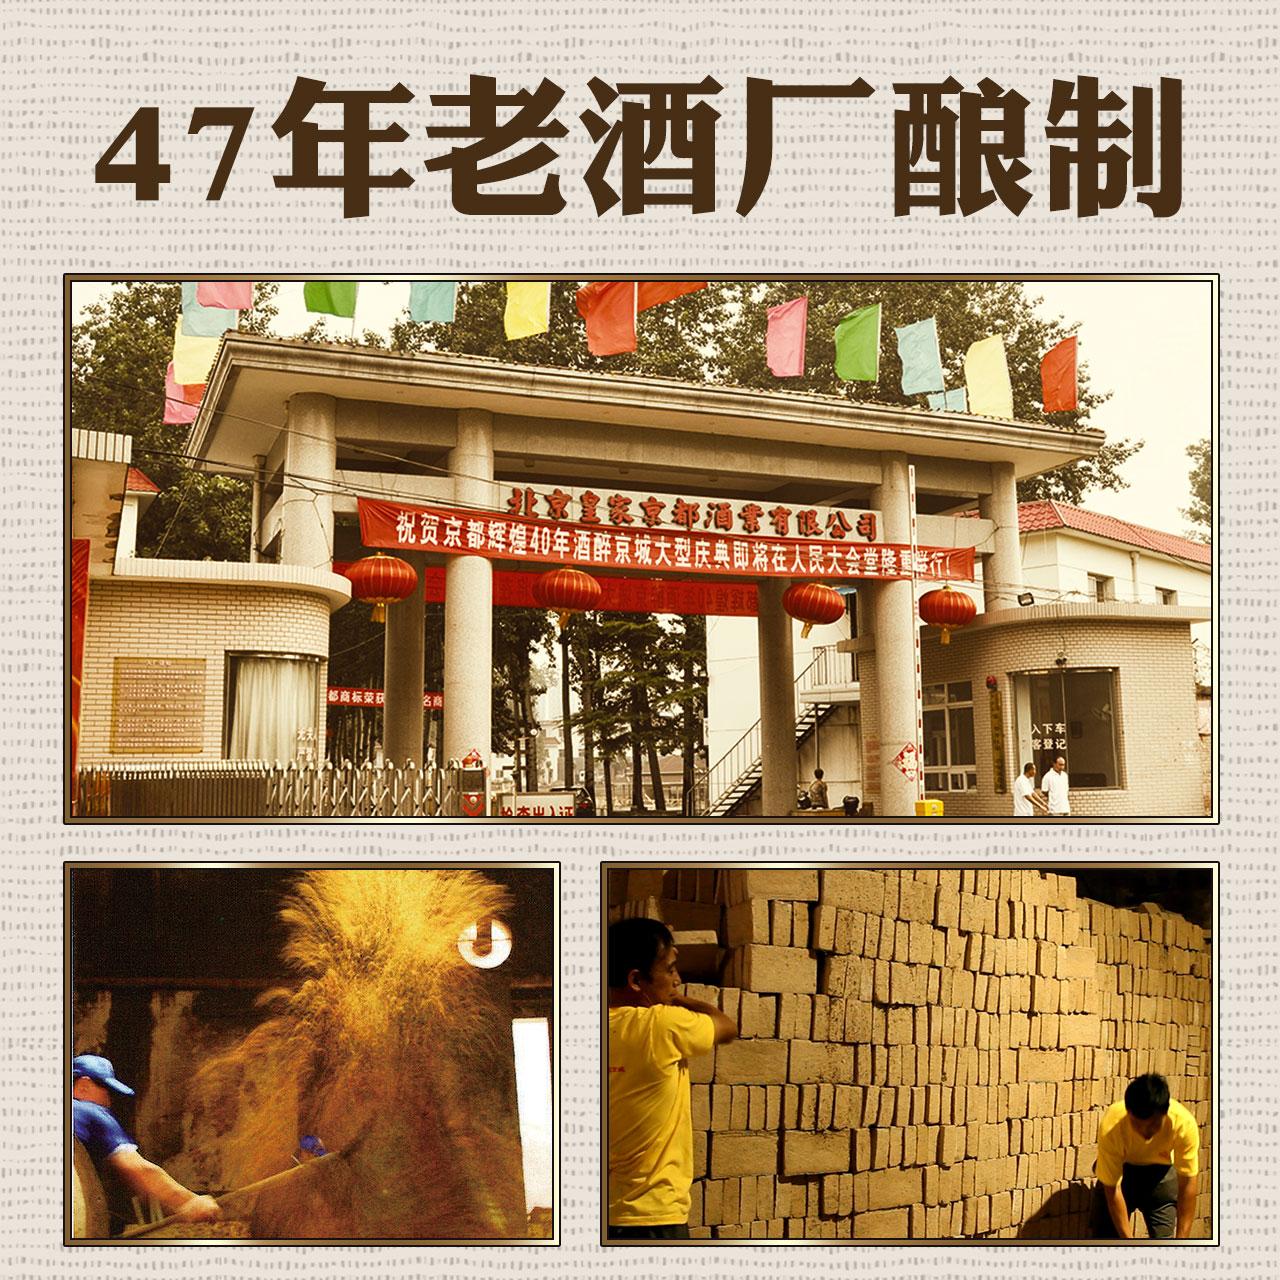 北京京都 黑坛二锅头白酒43度500ml*2瓶礼盒装清香型自饮口粮送礼